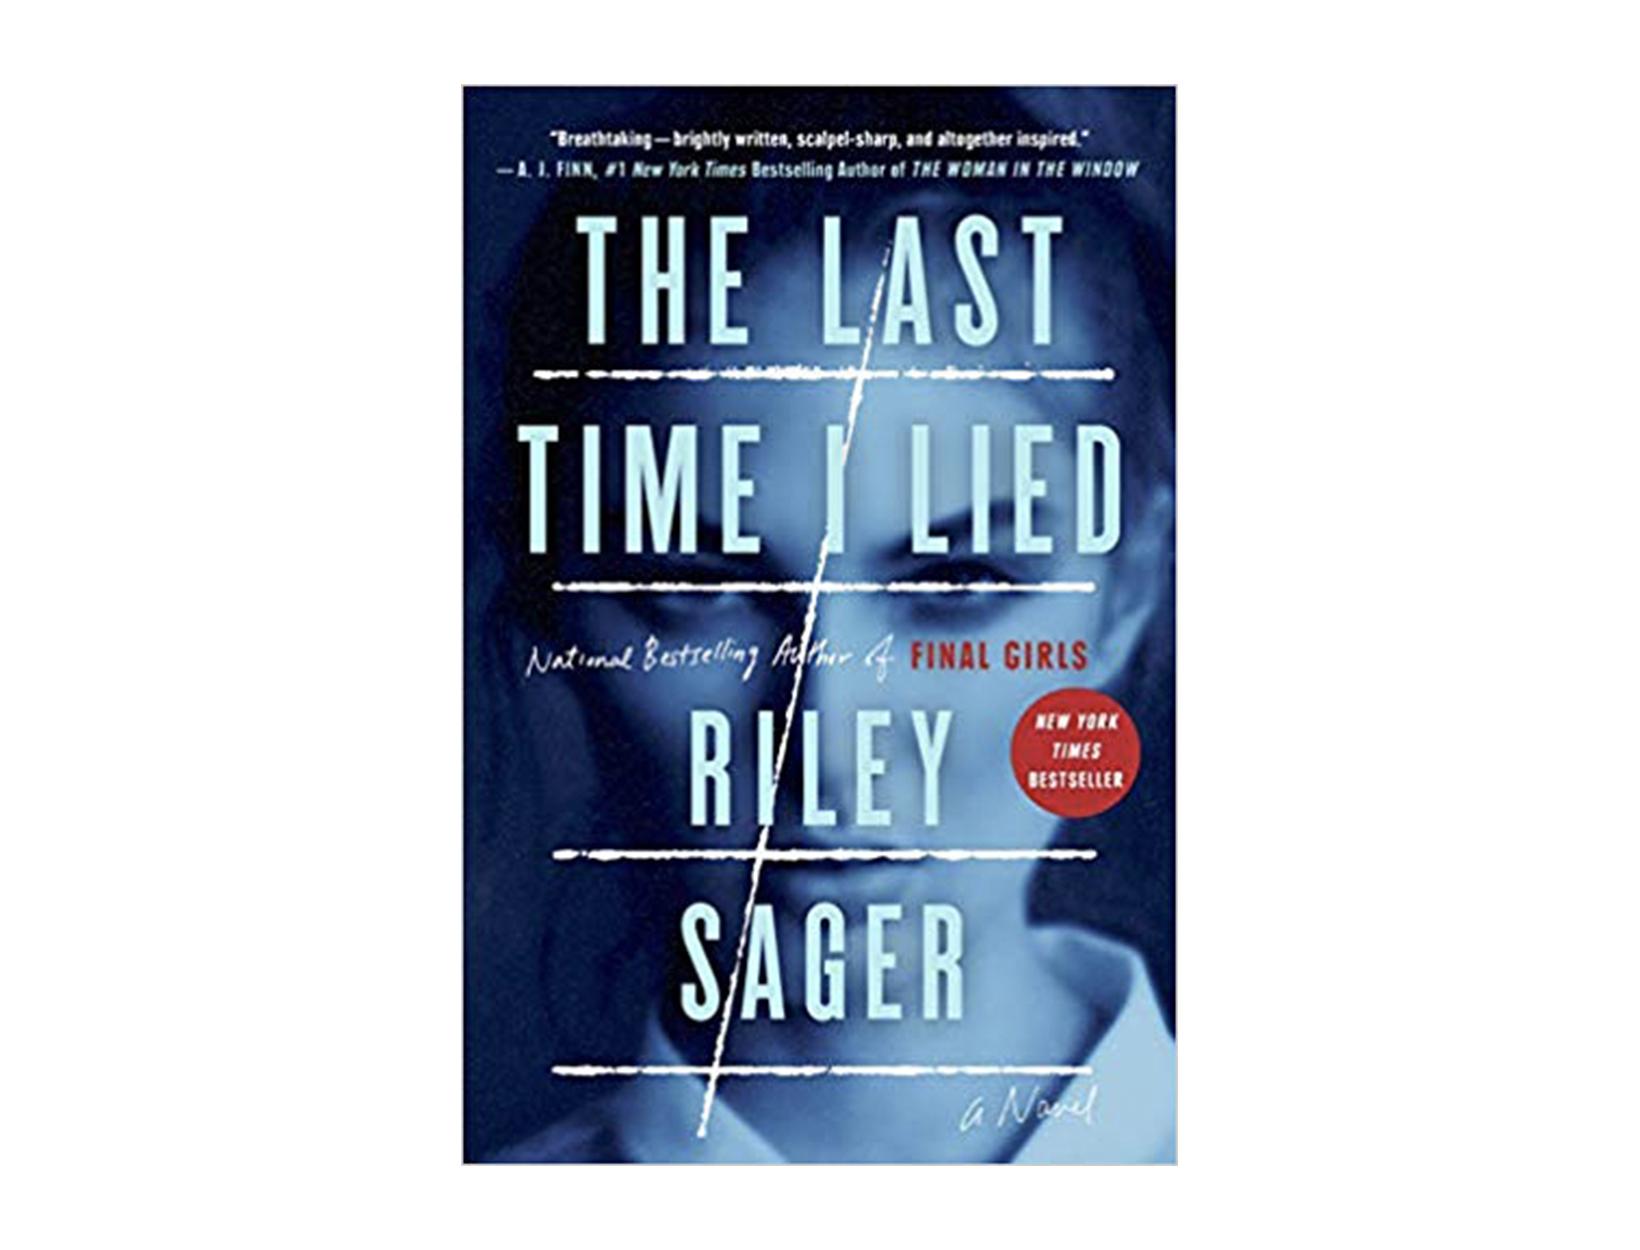 <em>Riley Sager